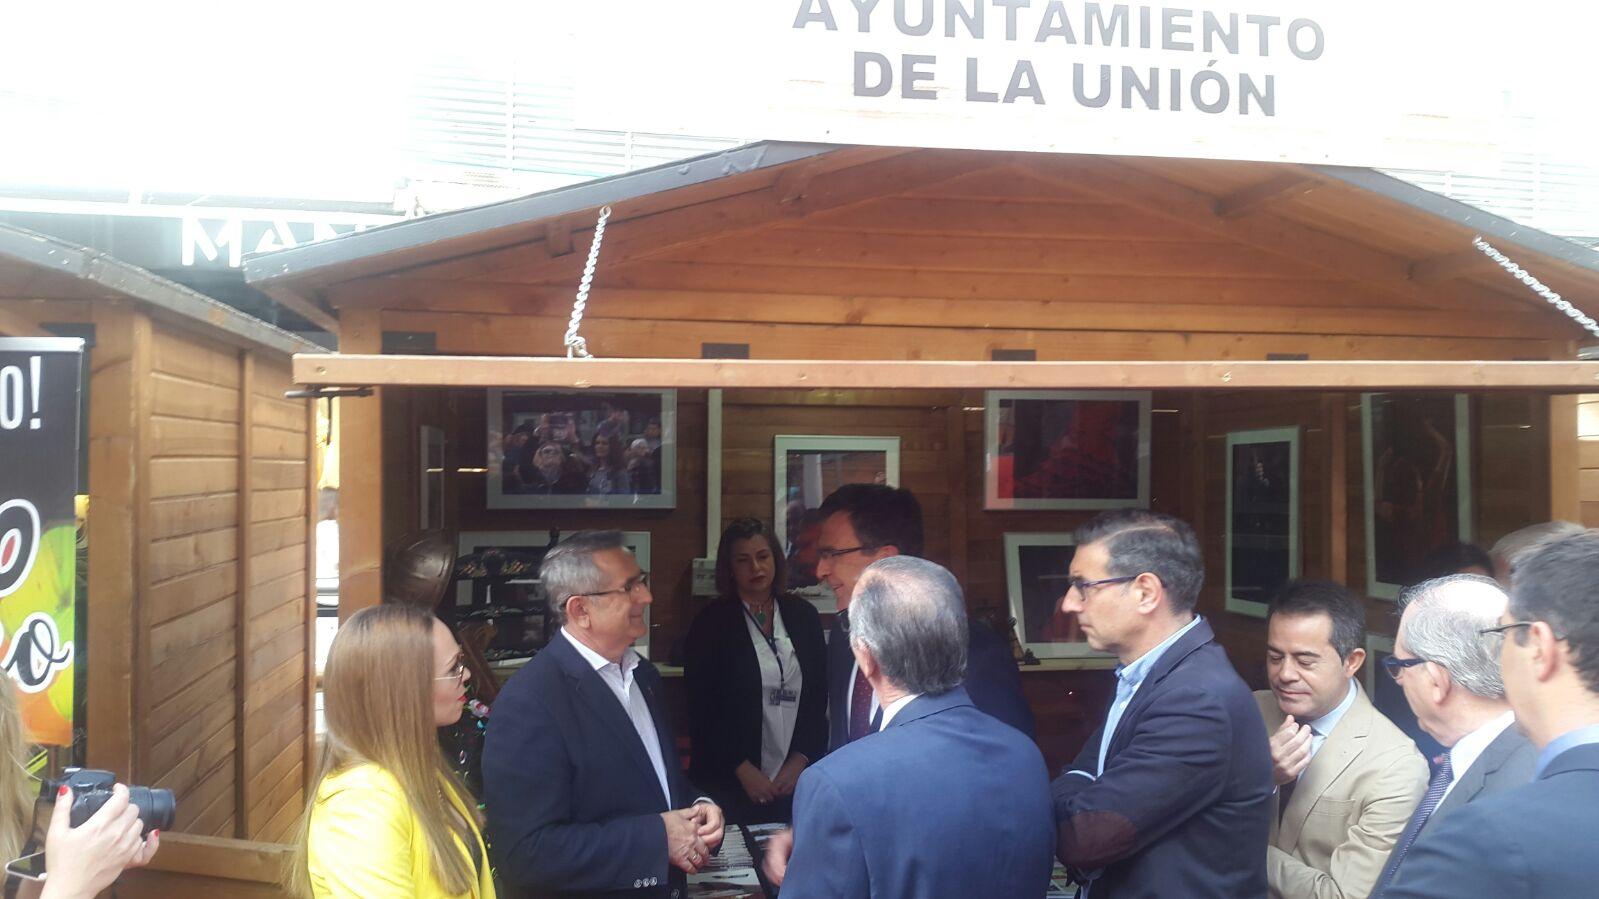 La Unión participa en la IV Muestra de Turismo Regional 2018 ...